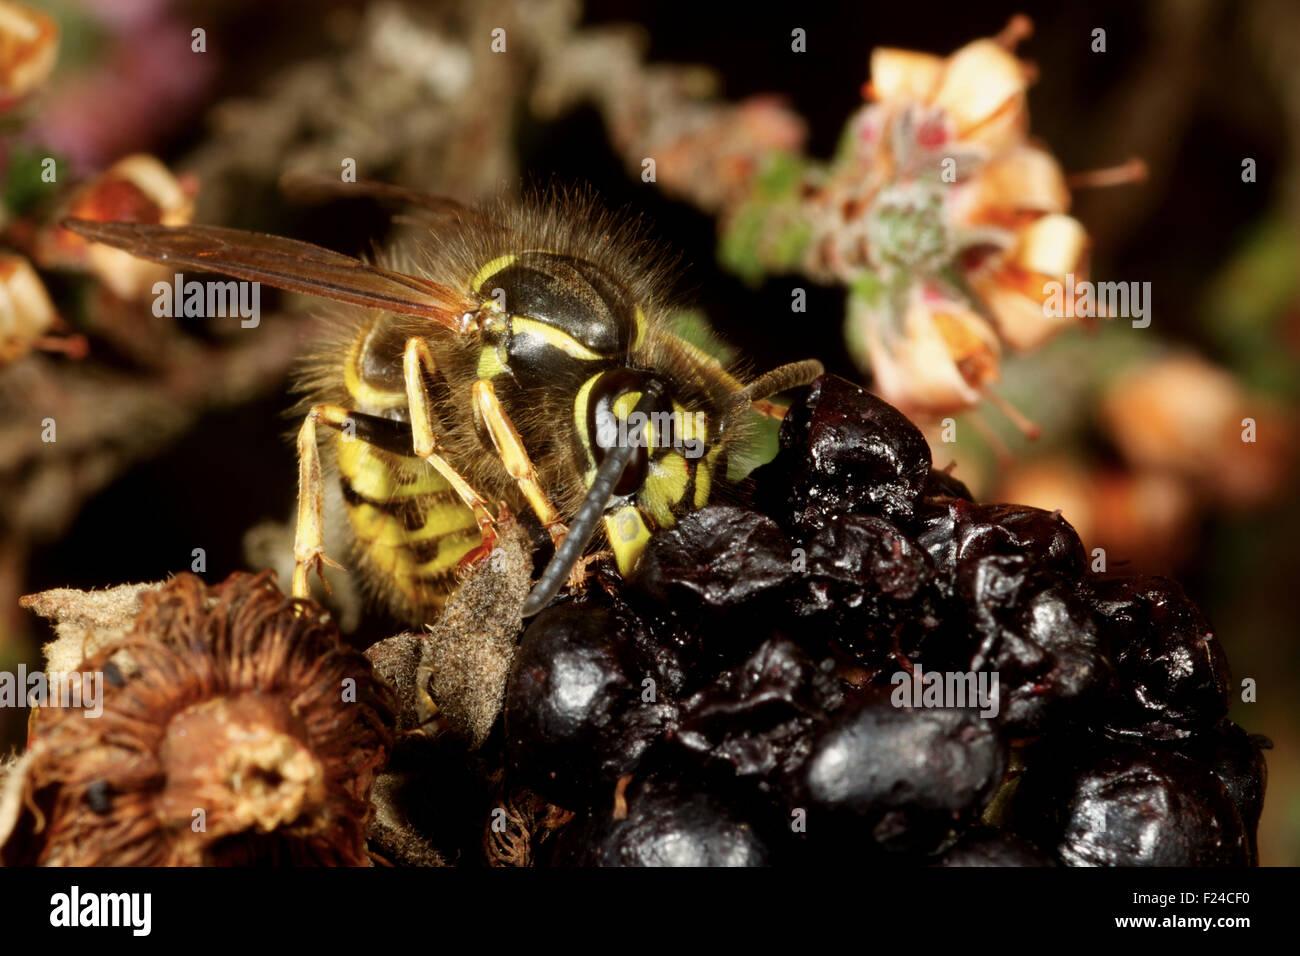 Common Wasp feeding on blackberry fruit. UK - Stock Image